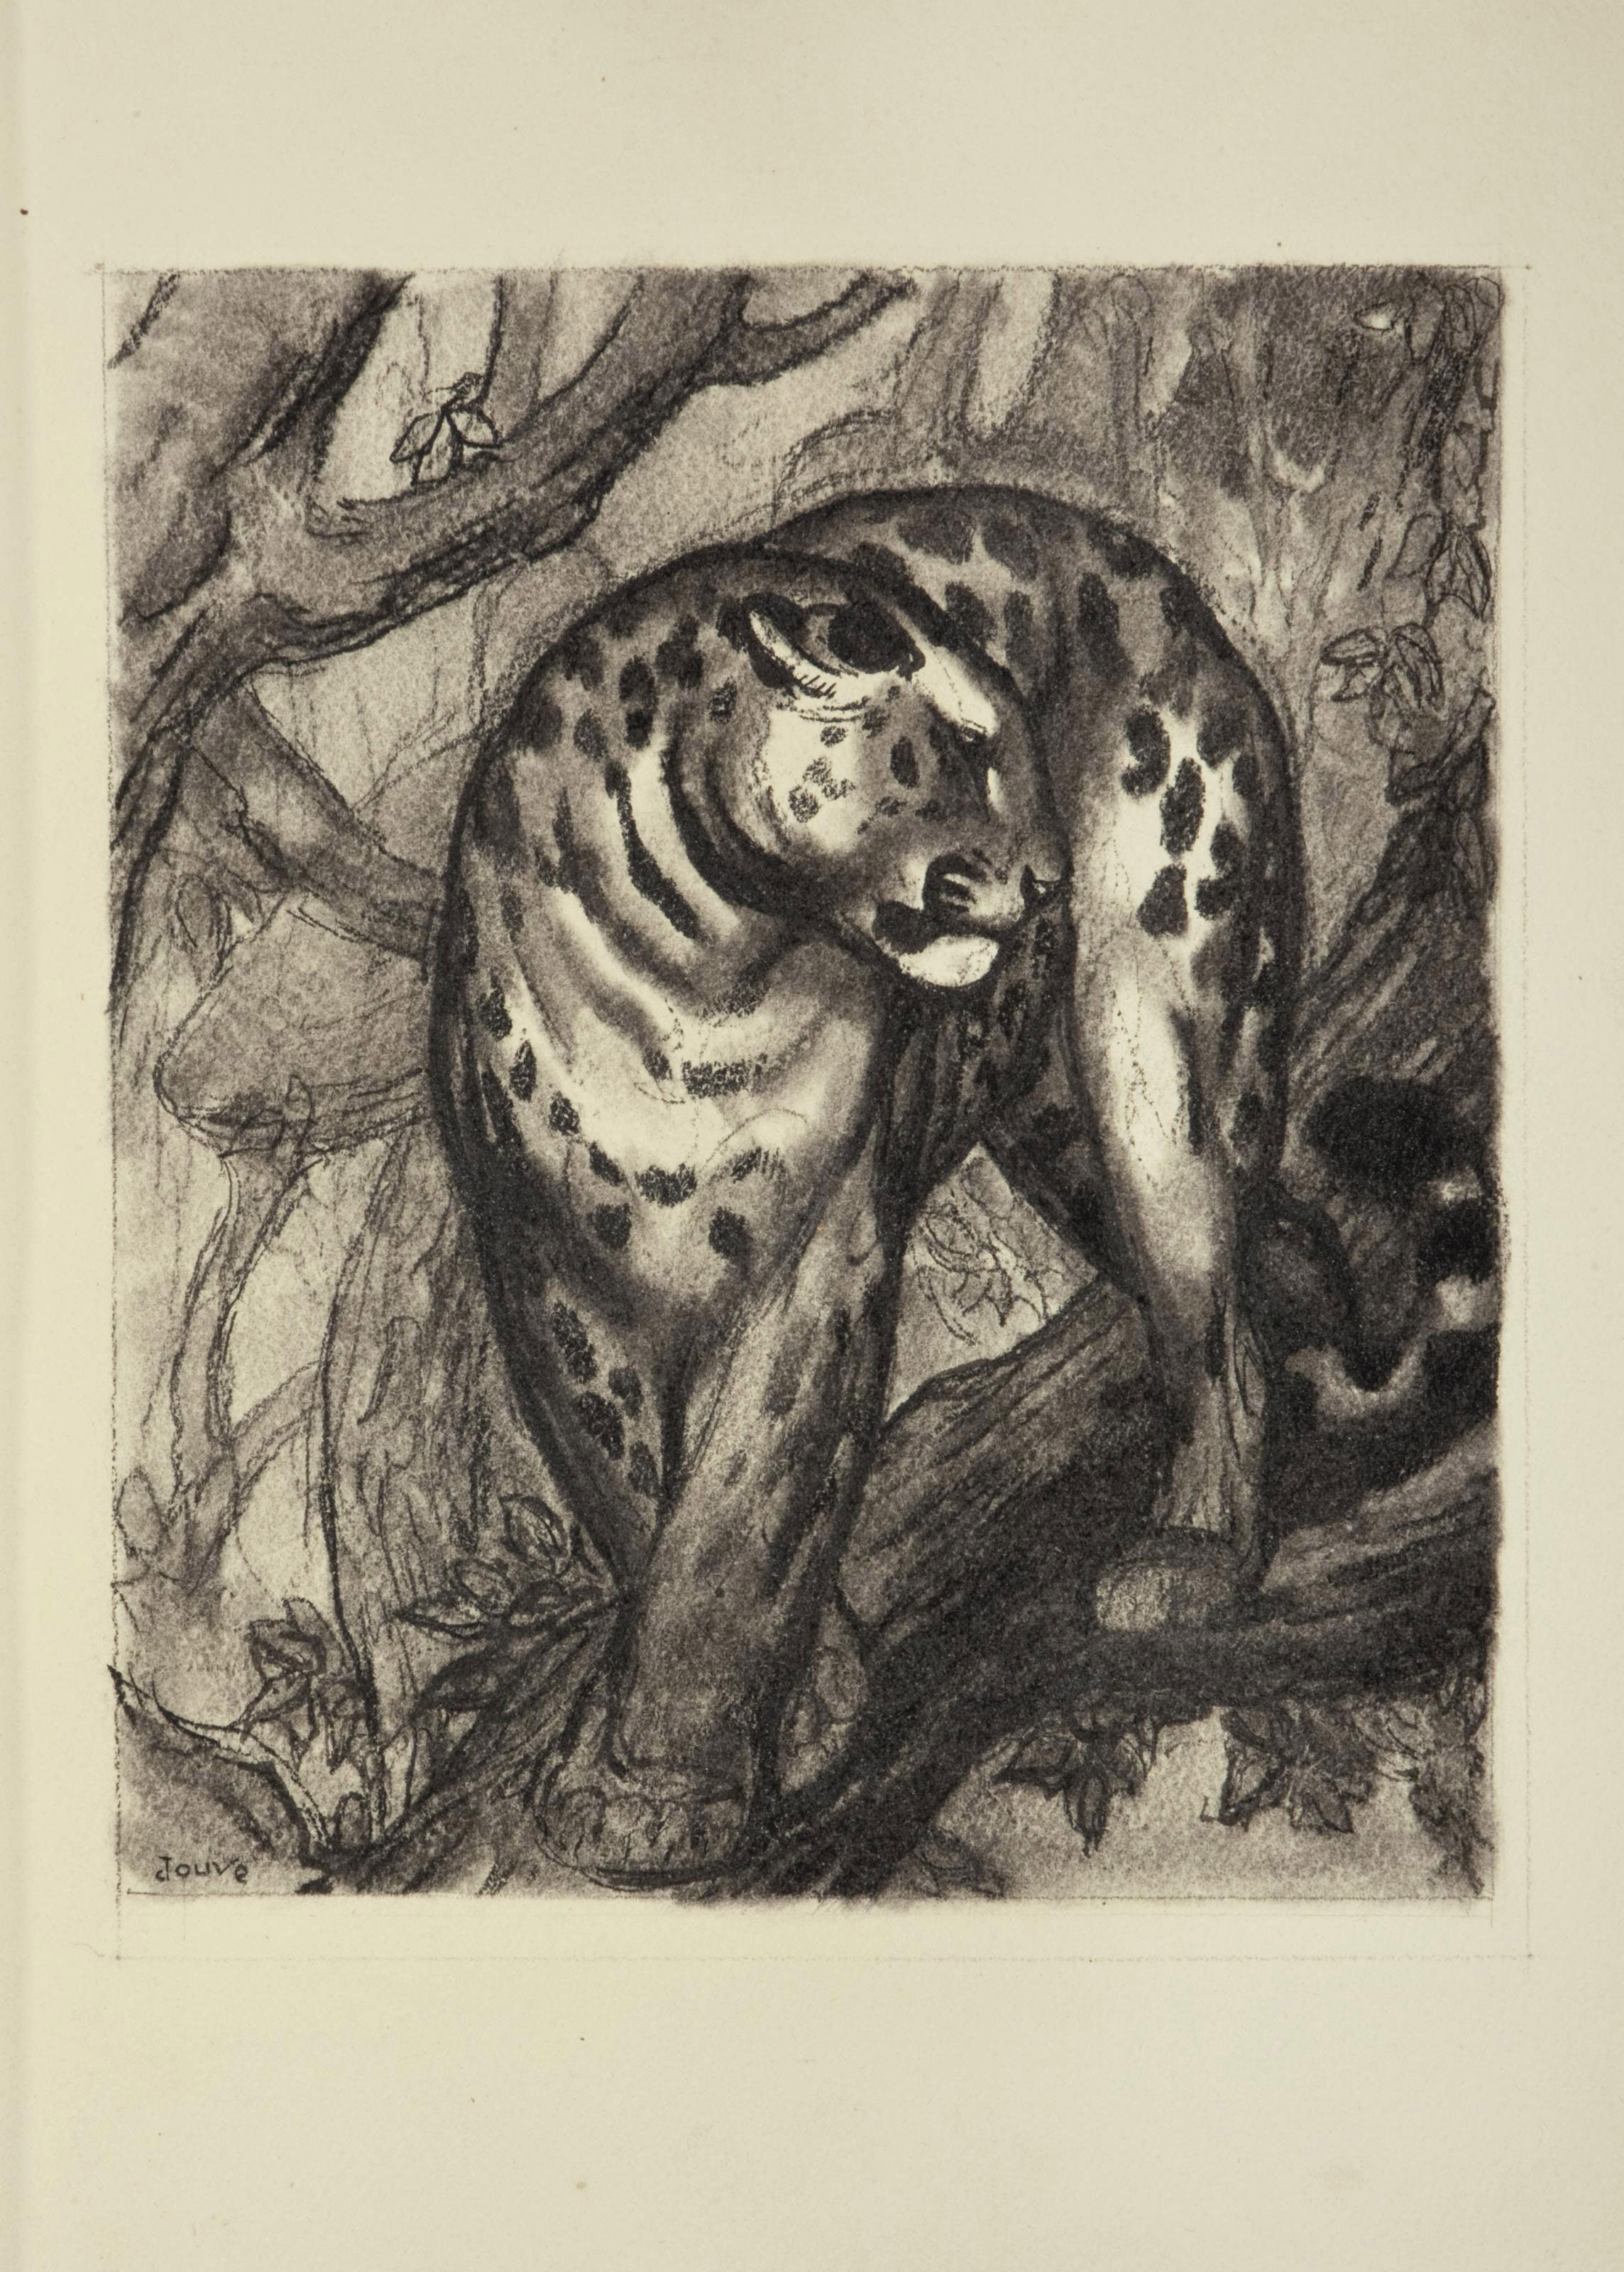 [JOUVE] -- MARAN, René (1887-1960). Le Livre de la brousse. Illustrations de Paul Jouve. Paris: l'Automobile club de France, 1931.